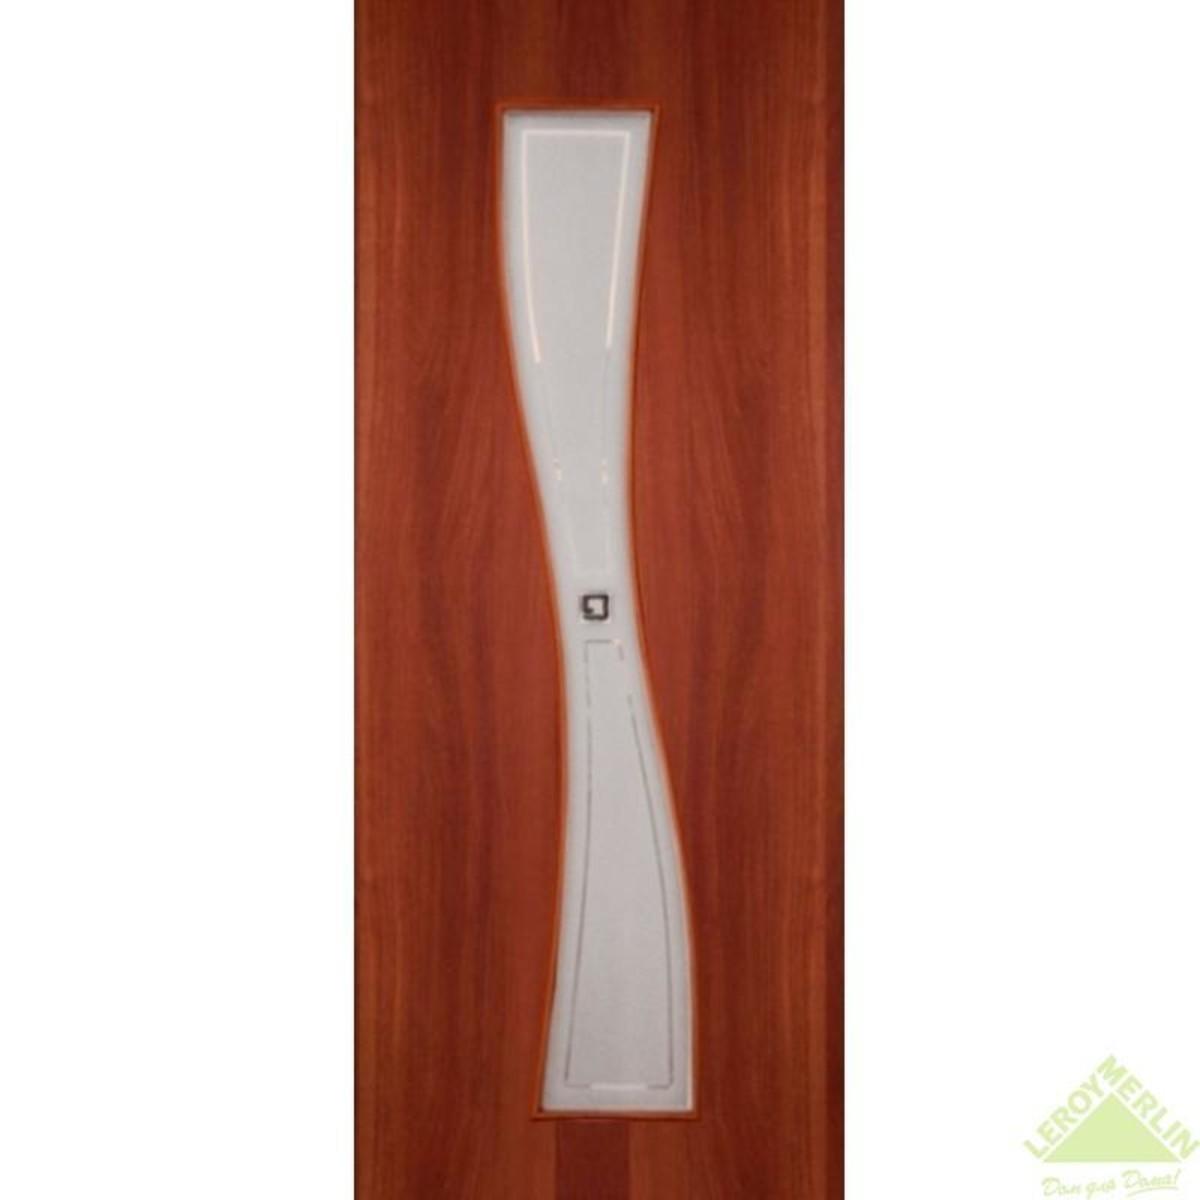 Дверь Межкомнатная Остеклённая Сезия 600x2000 Ламинация Итальянский Орех